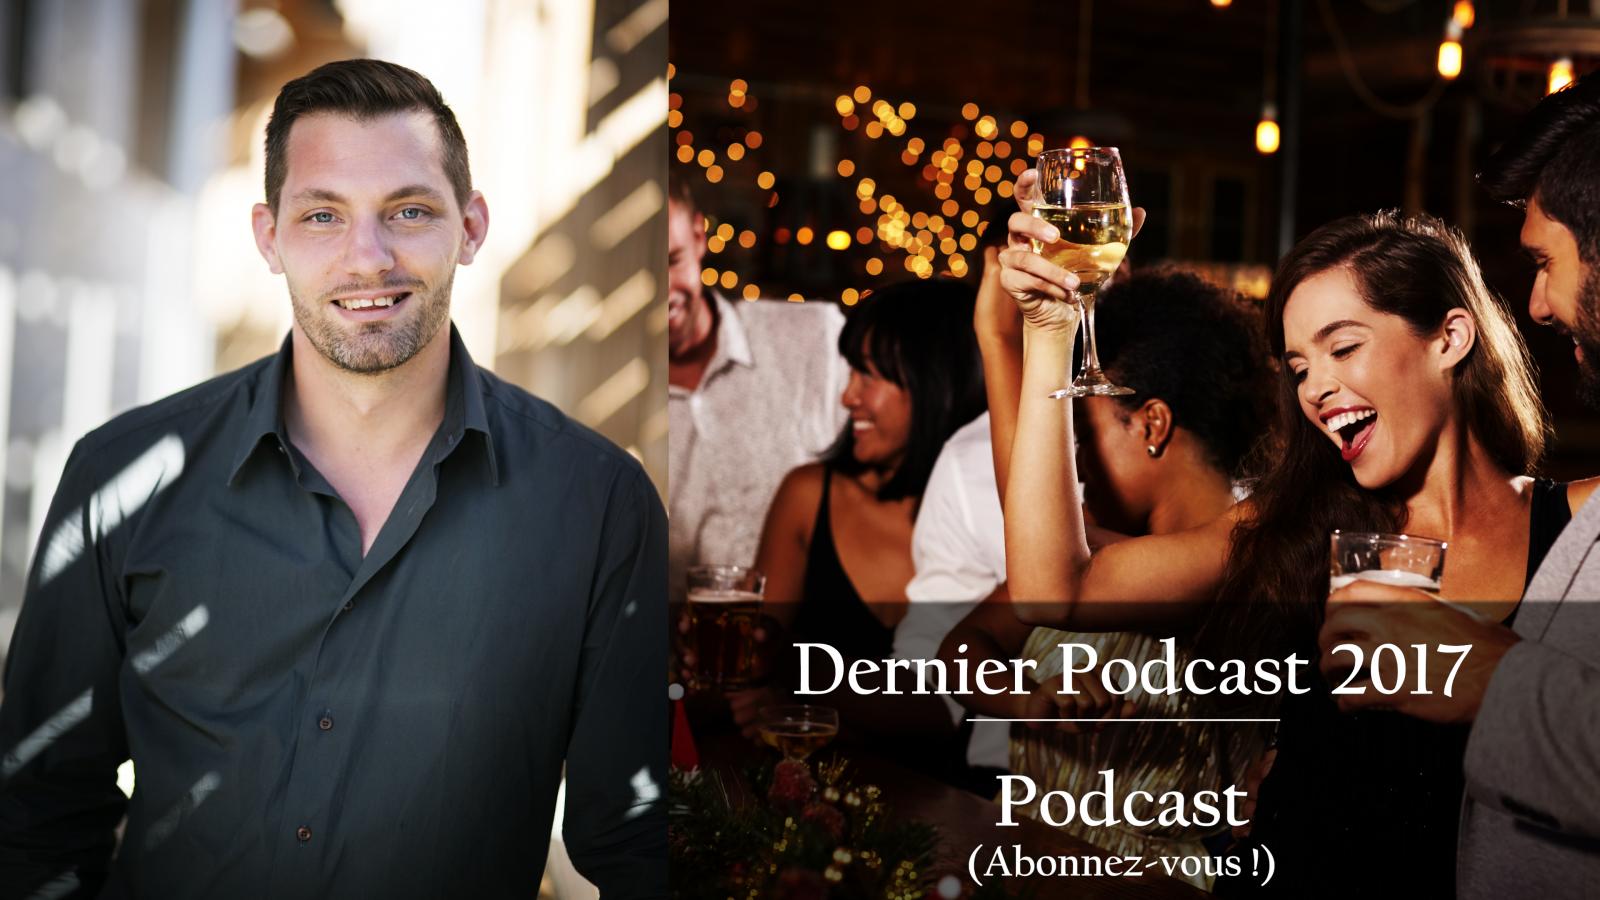 17eme Podcast - 2017 : Dernier podcast de l'année => Merci !